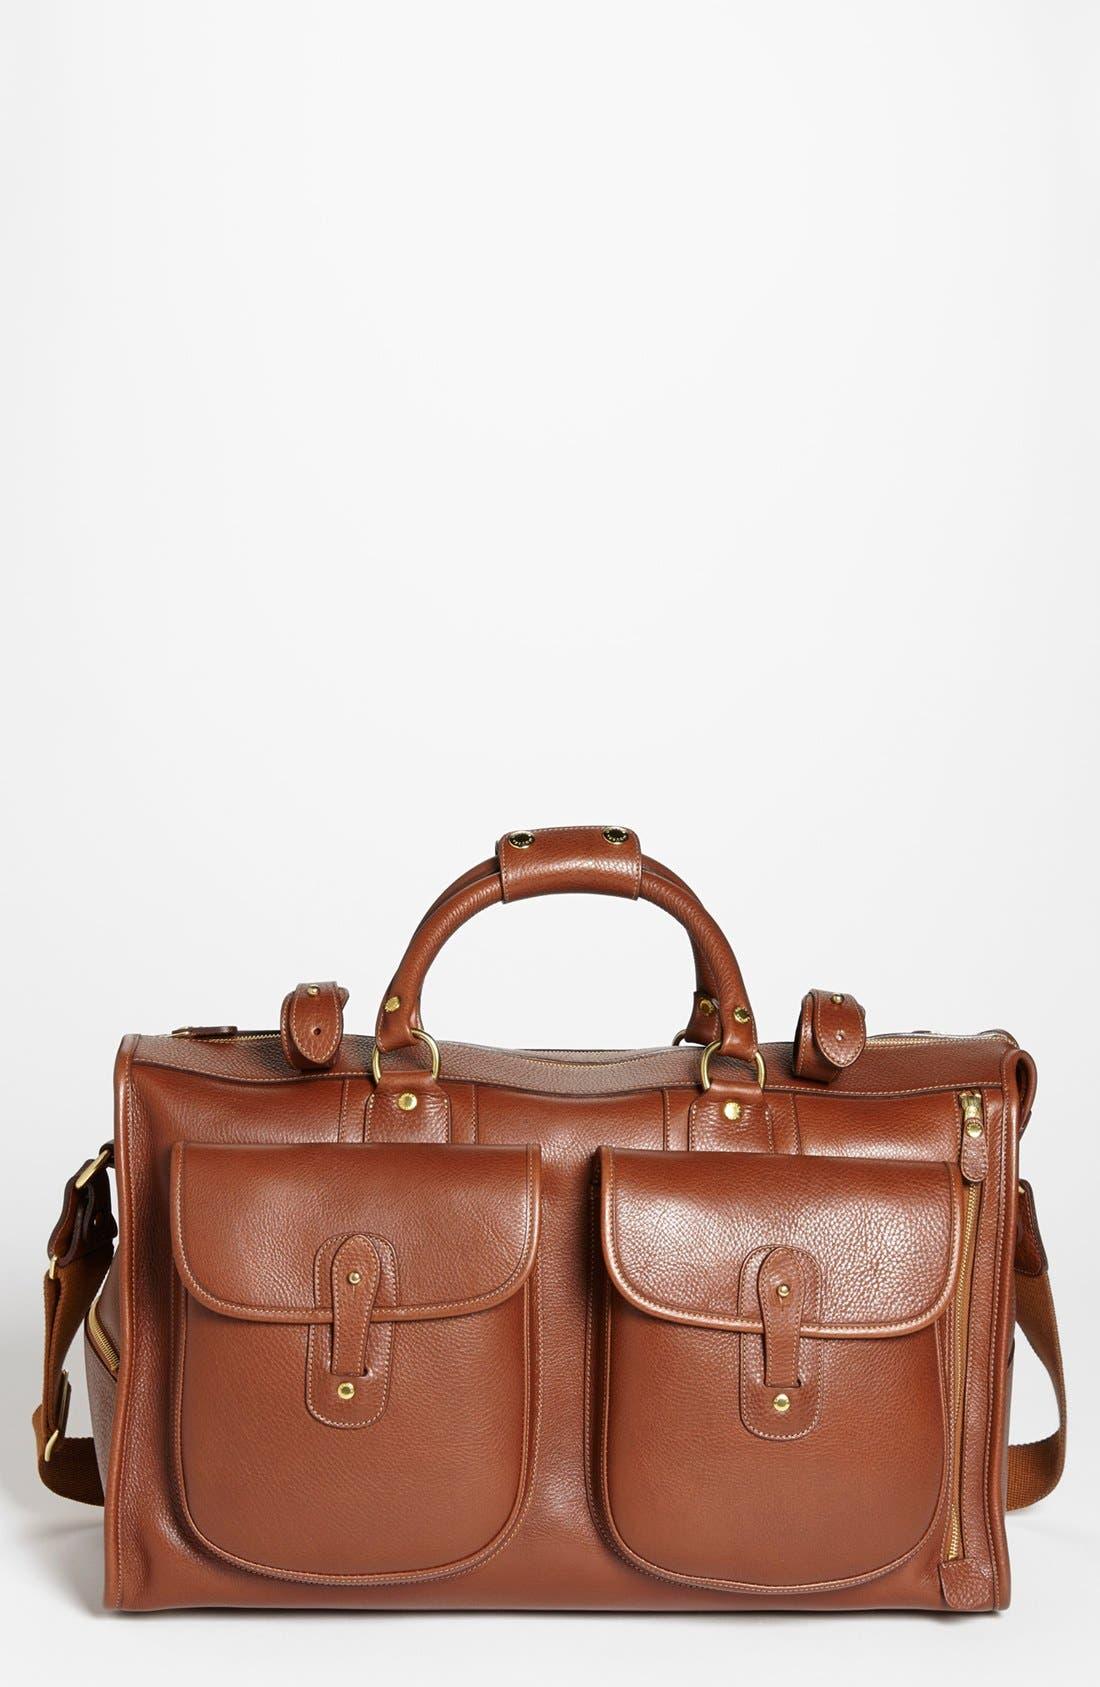 Alternate Image 1 Selected - Ghurka 'Express' Leather  Bag